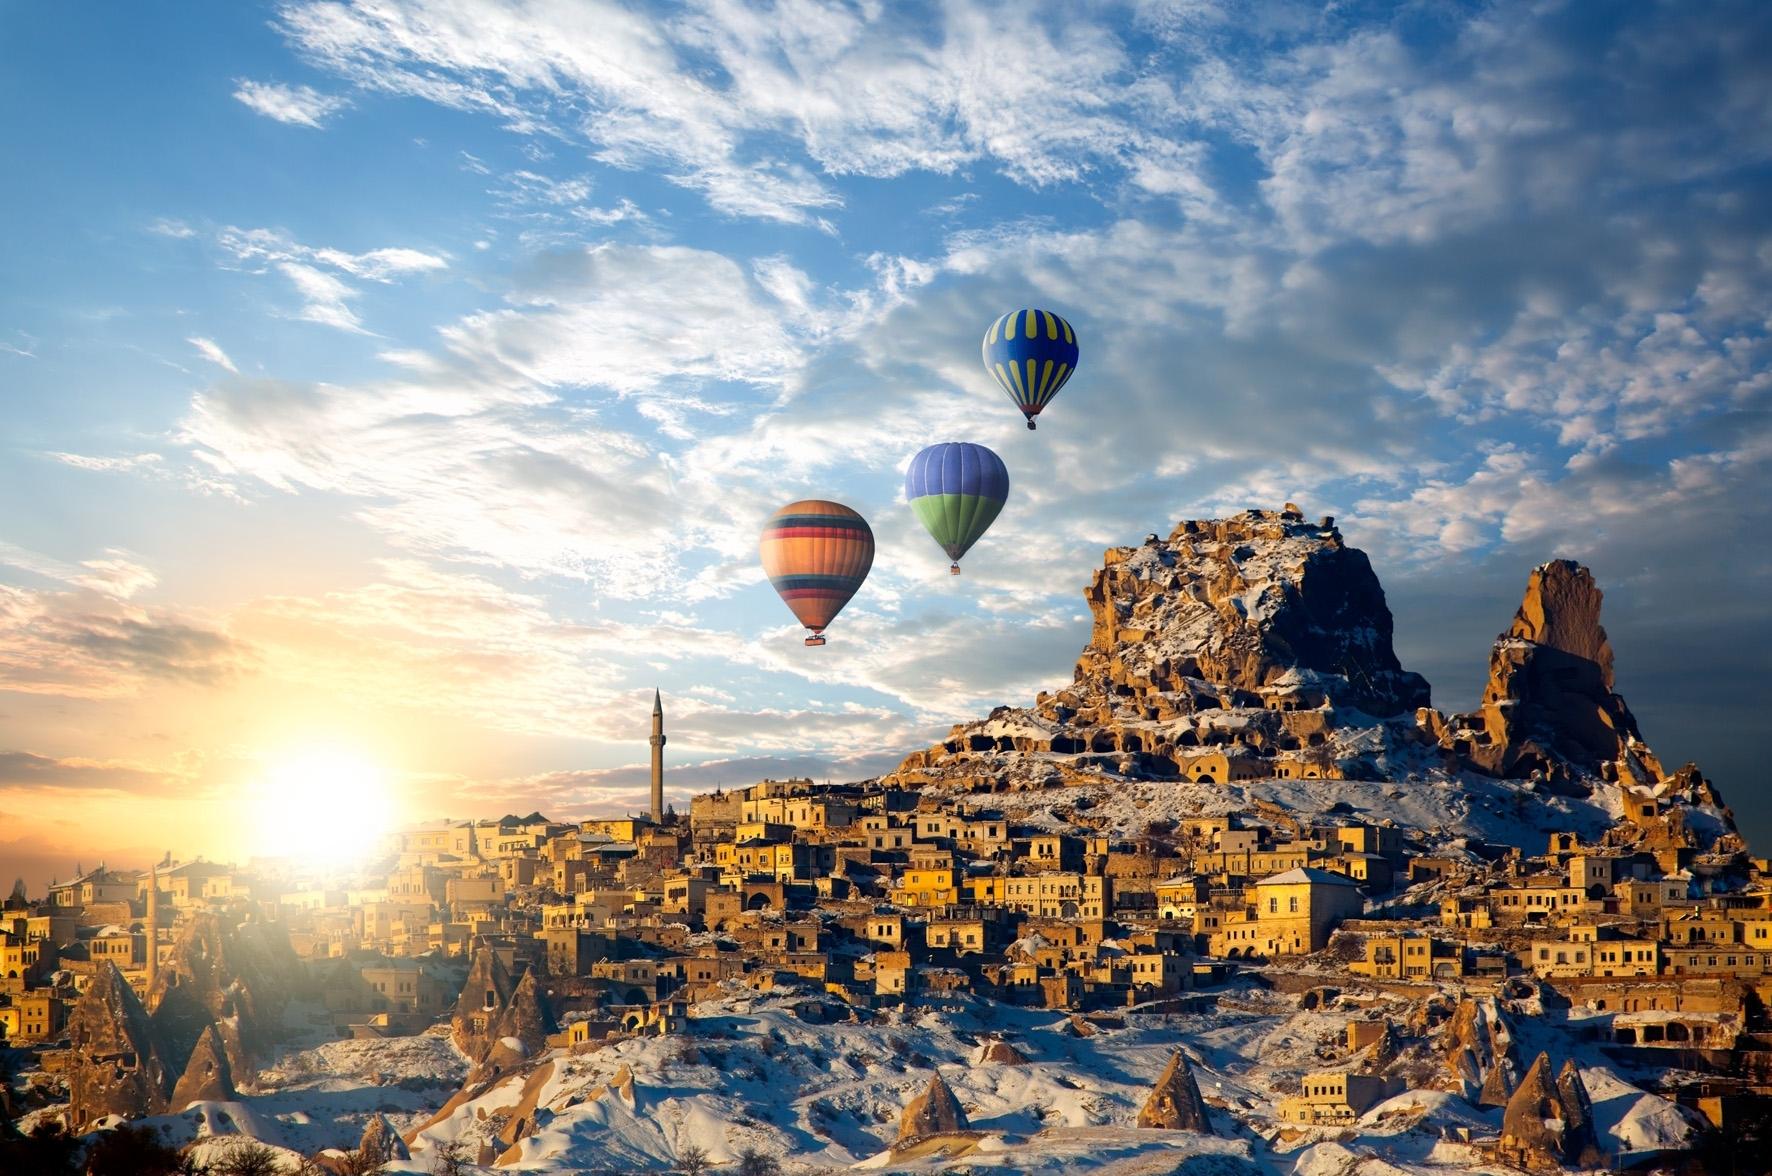 uçhisar_kalesi-balloon